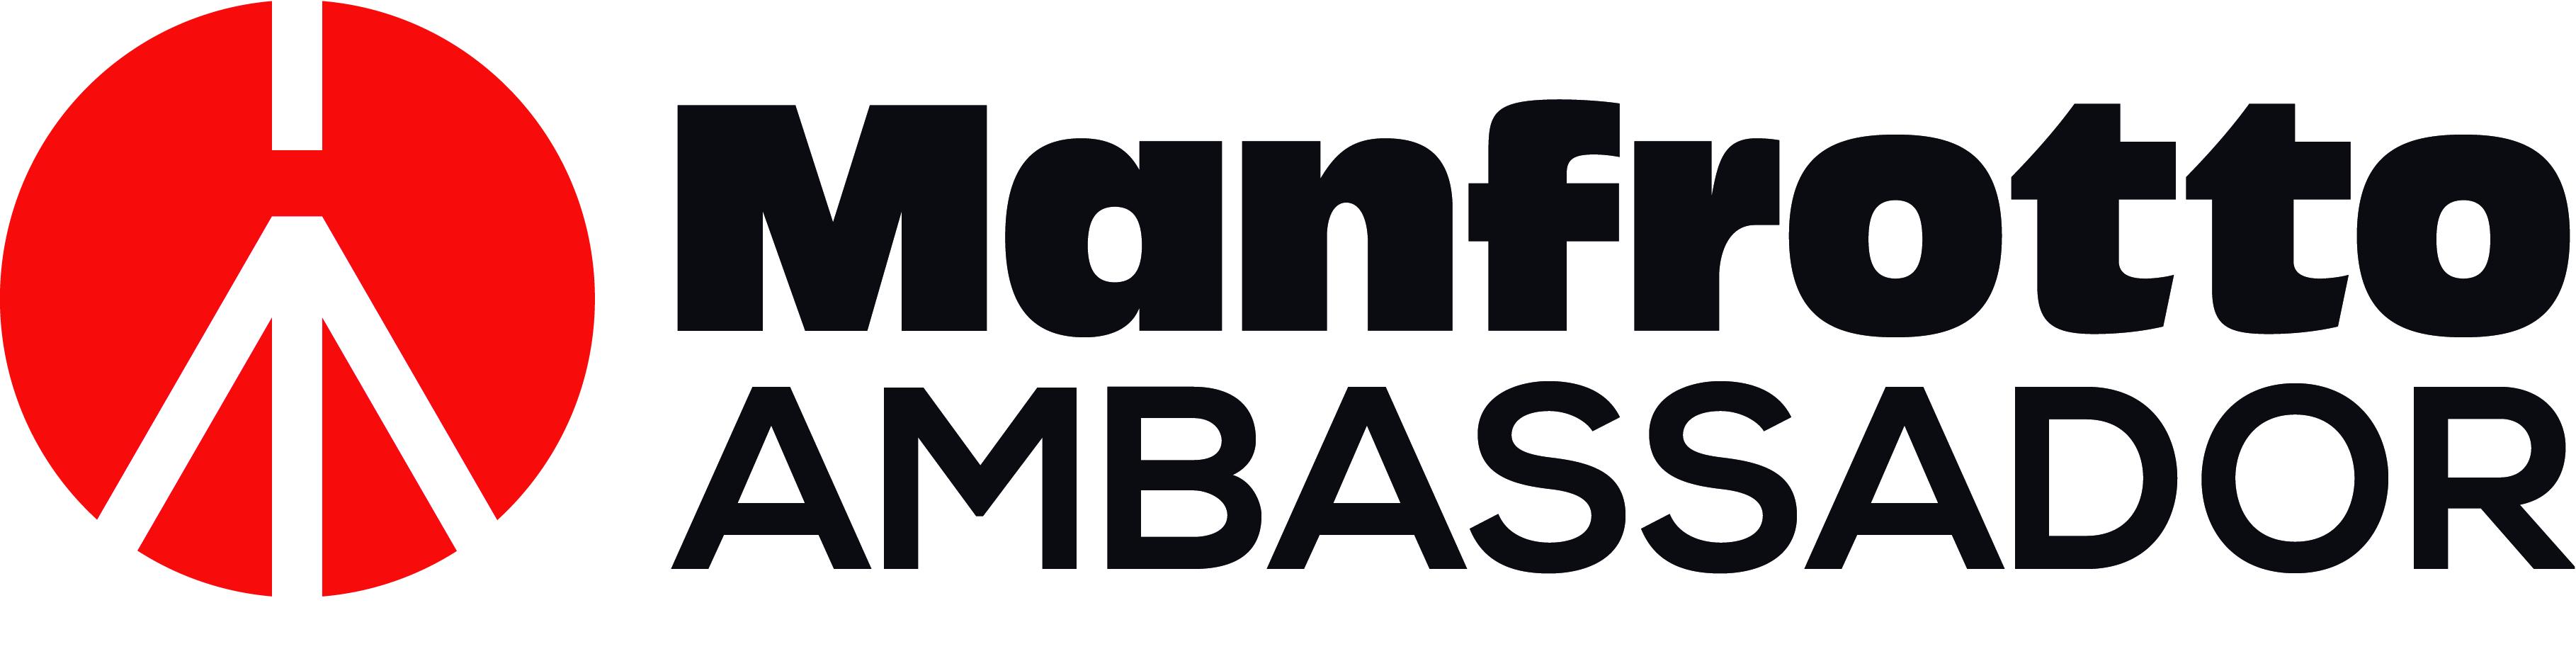 MANFROTTO_ Logo Ambassador